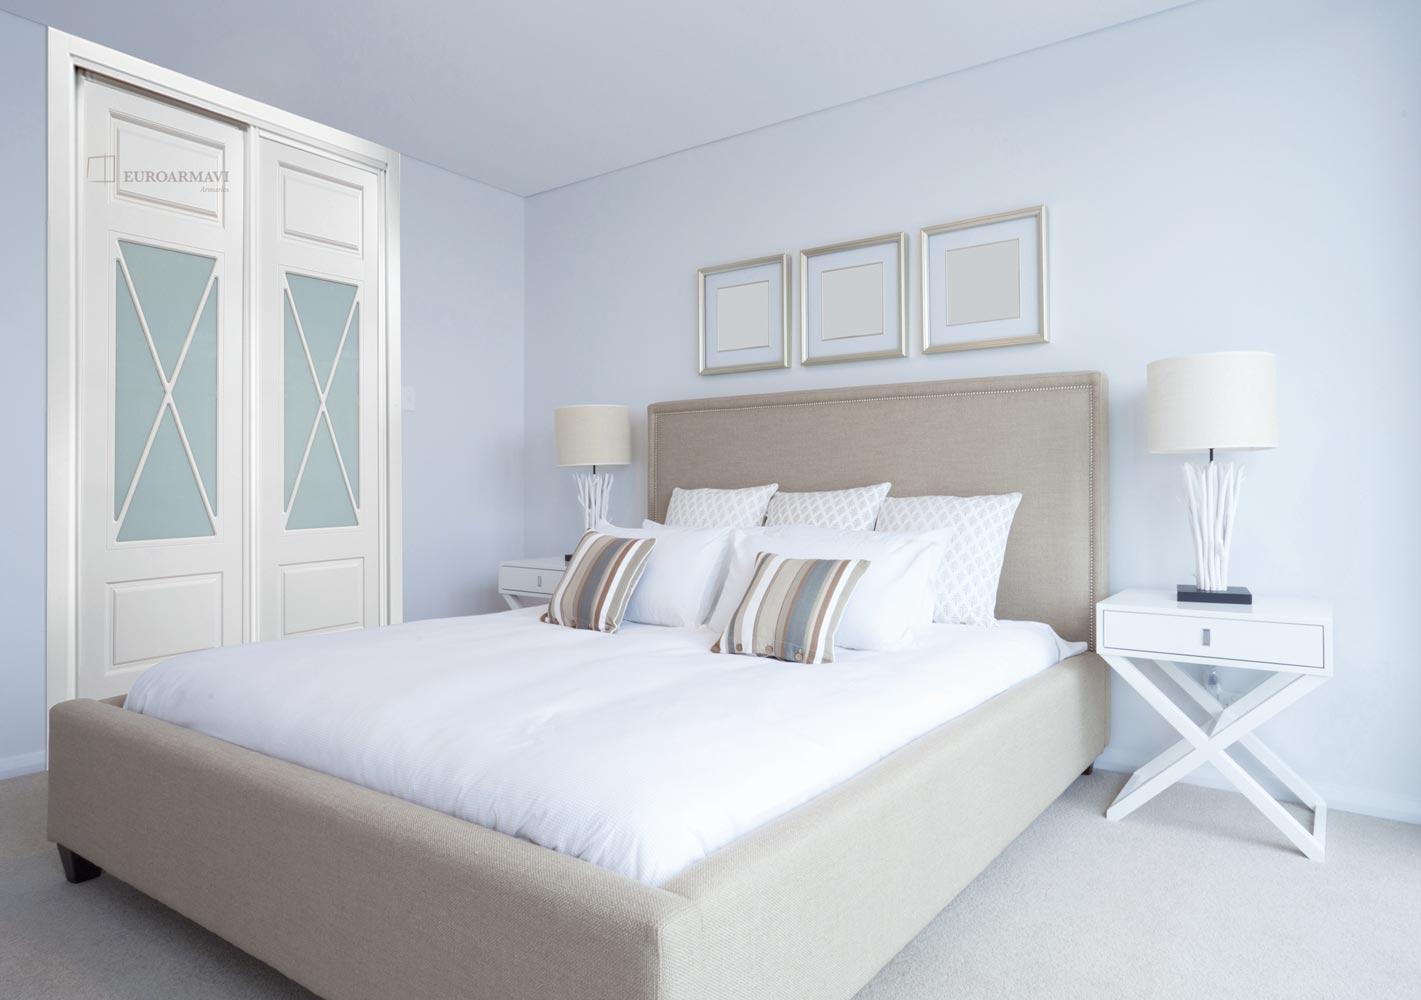 26-euroarmavi-armario-dormitorio-mod-aspamedio